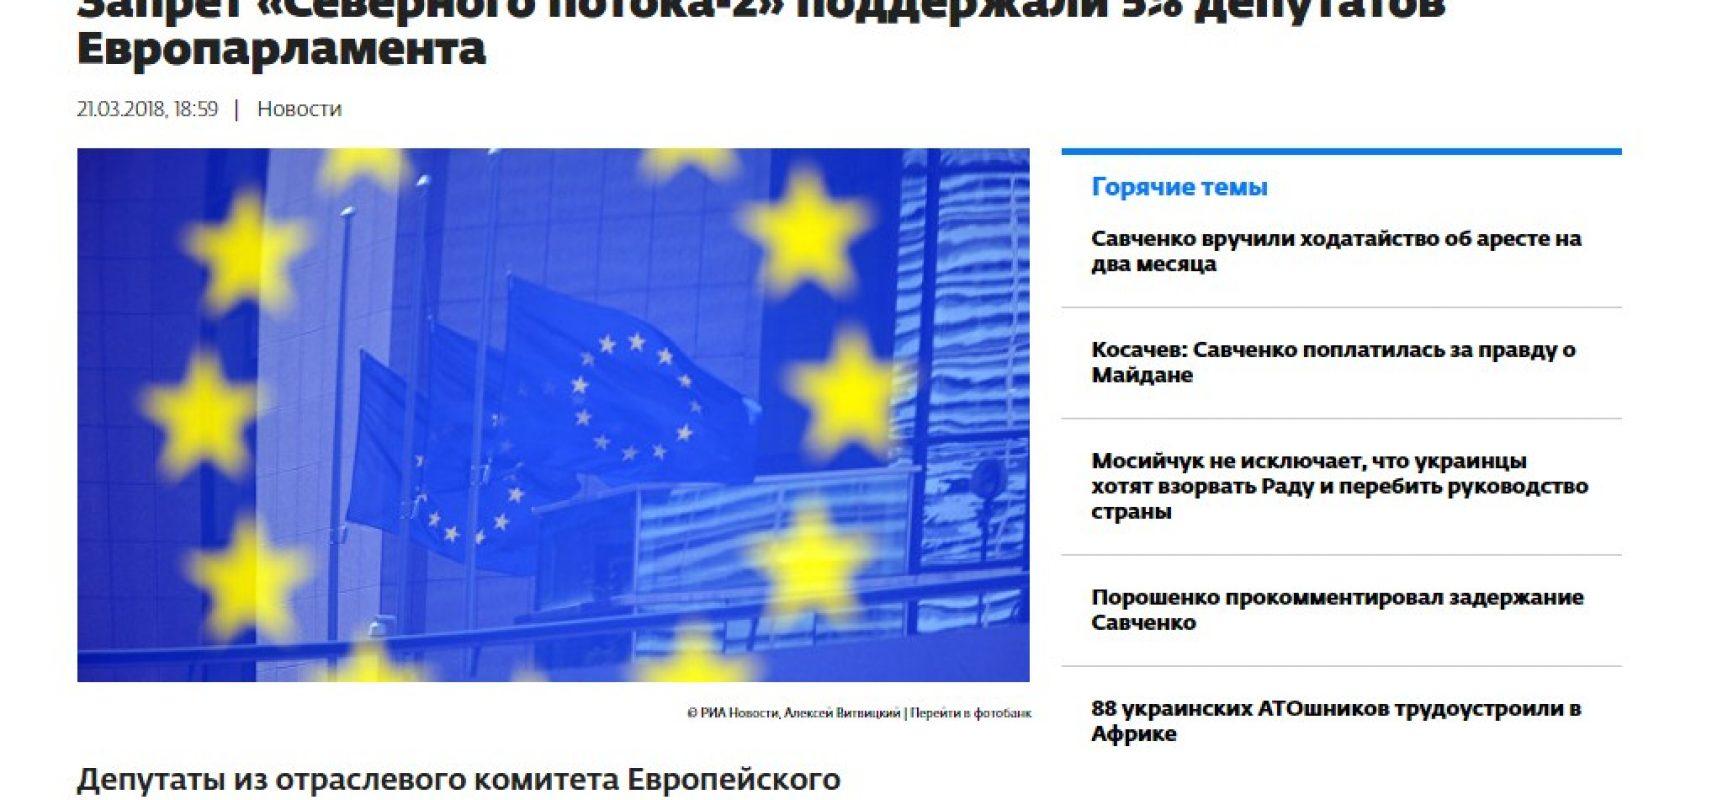 Manipolazione il divieto del nord stream 2 stato for Streaming parlamento